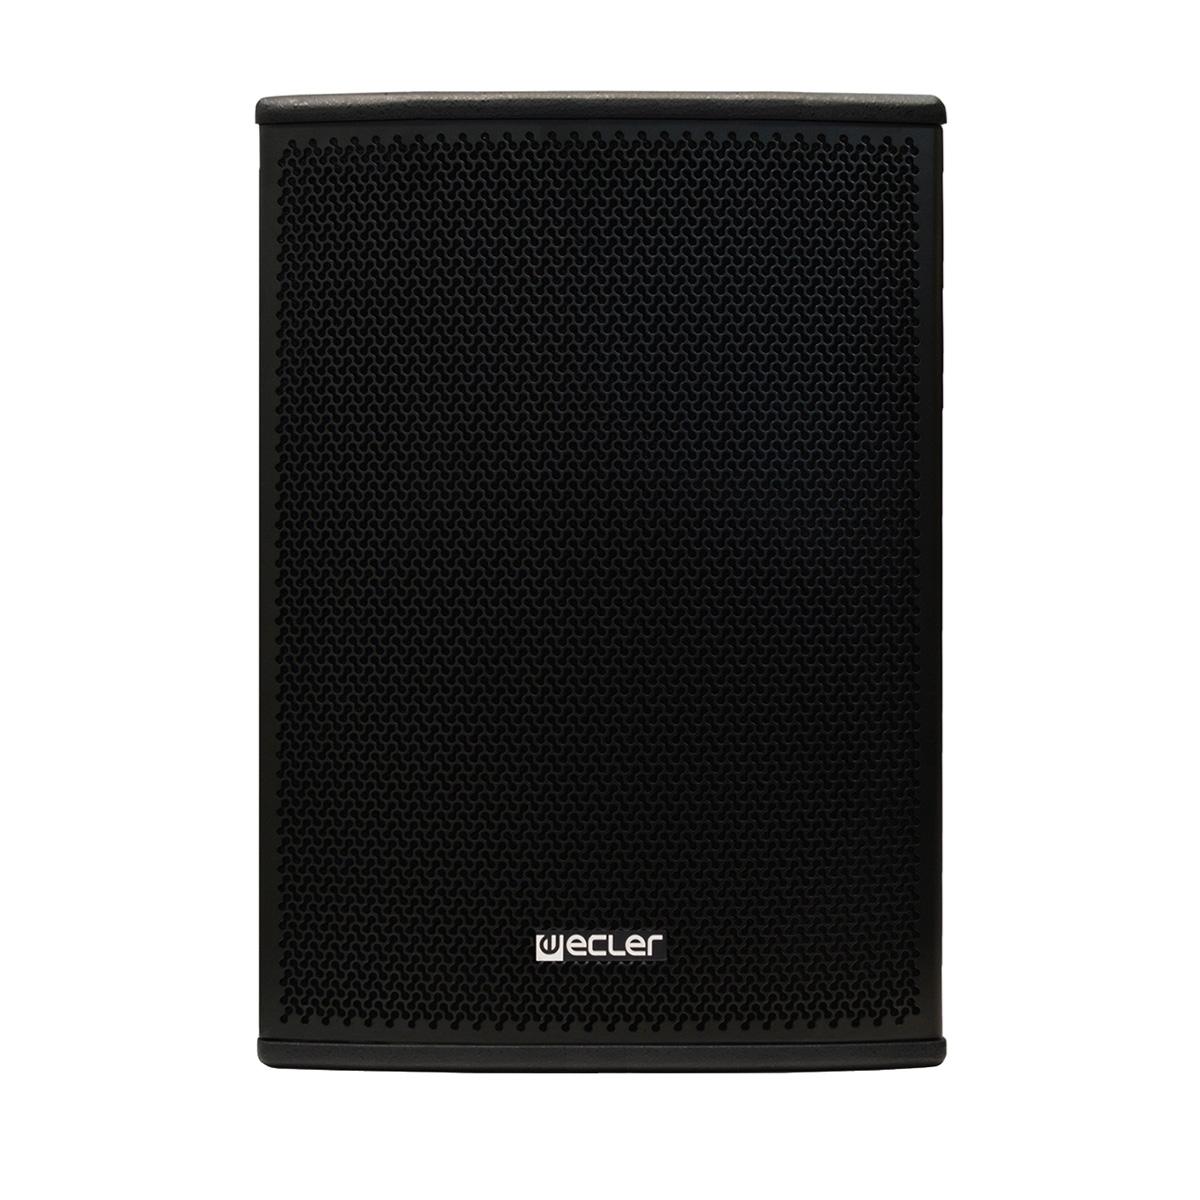 Ecler ARQIS 112BK - Двухполосная настенная акустическая система 12'', 340–680 Вт/8 Ом